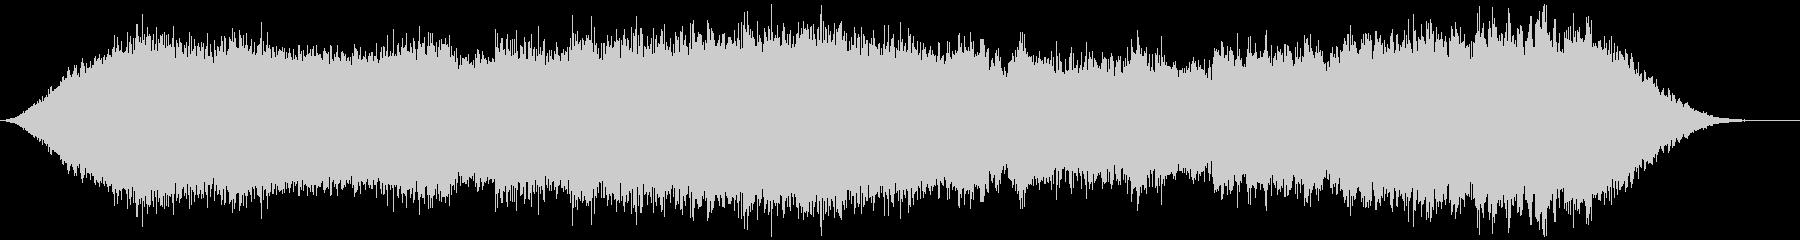 神秘的な雰囲気のアンビエント(背景音)6の未再生の波形